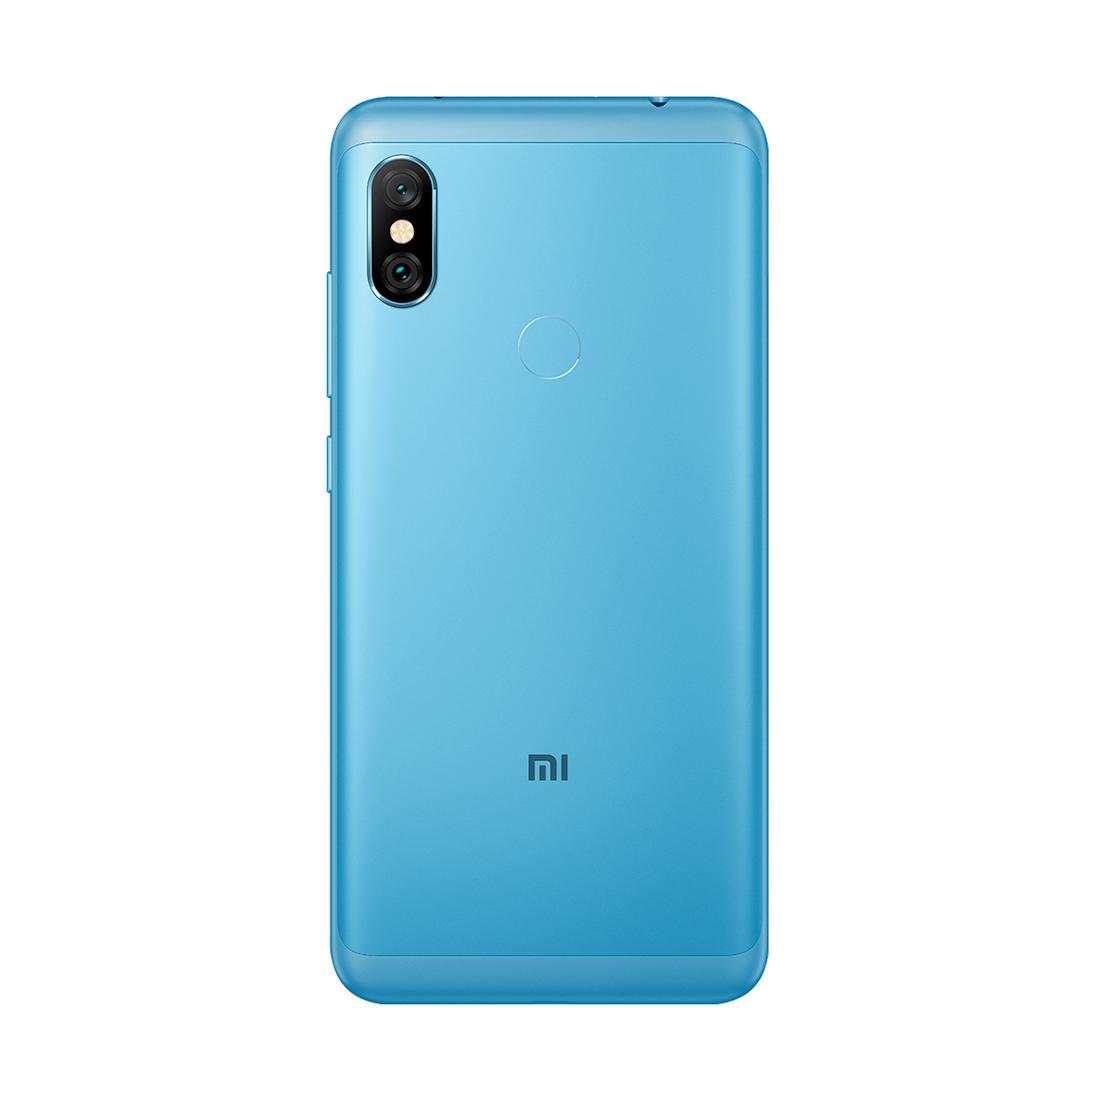 Мобильный телефон Xiaomi Redmi Note 6 Pro 32GB Синий